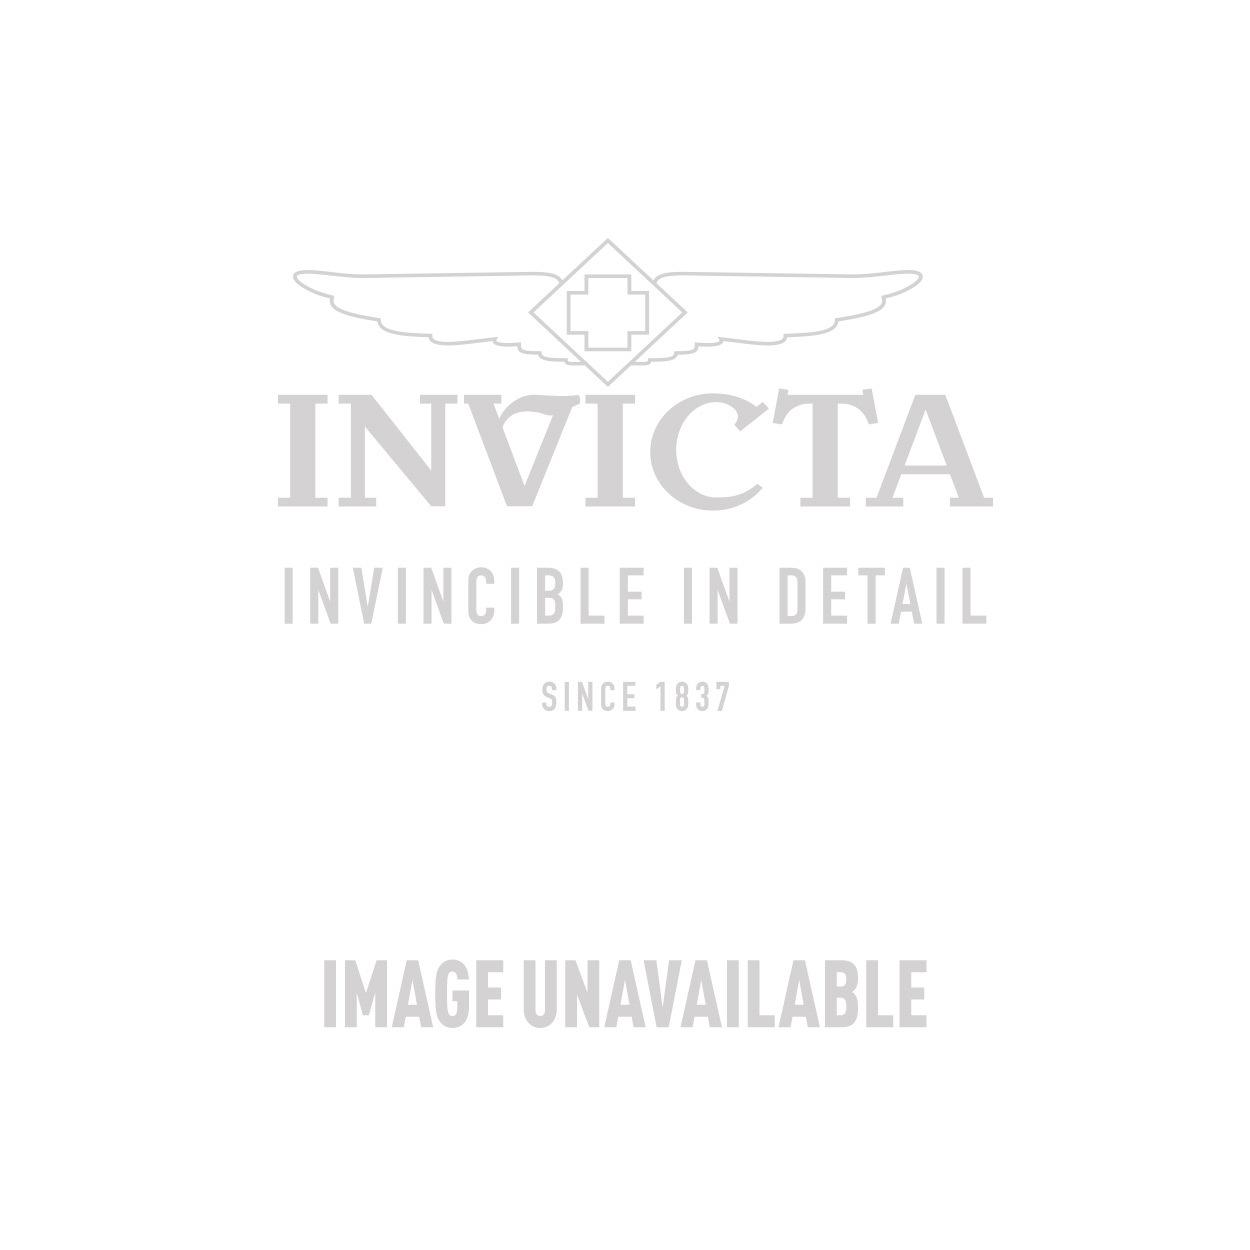 Invicta Model 26196